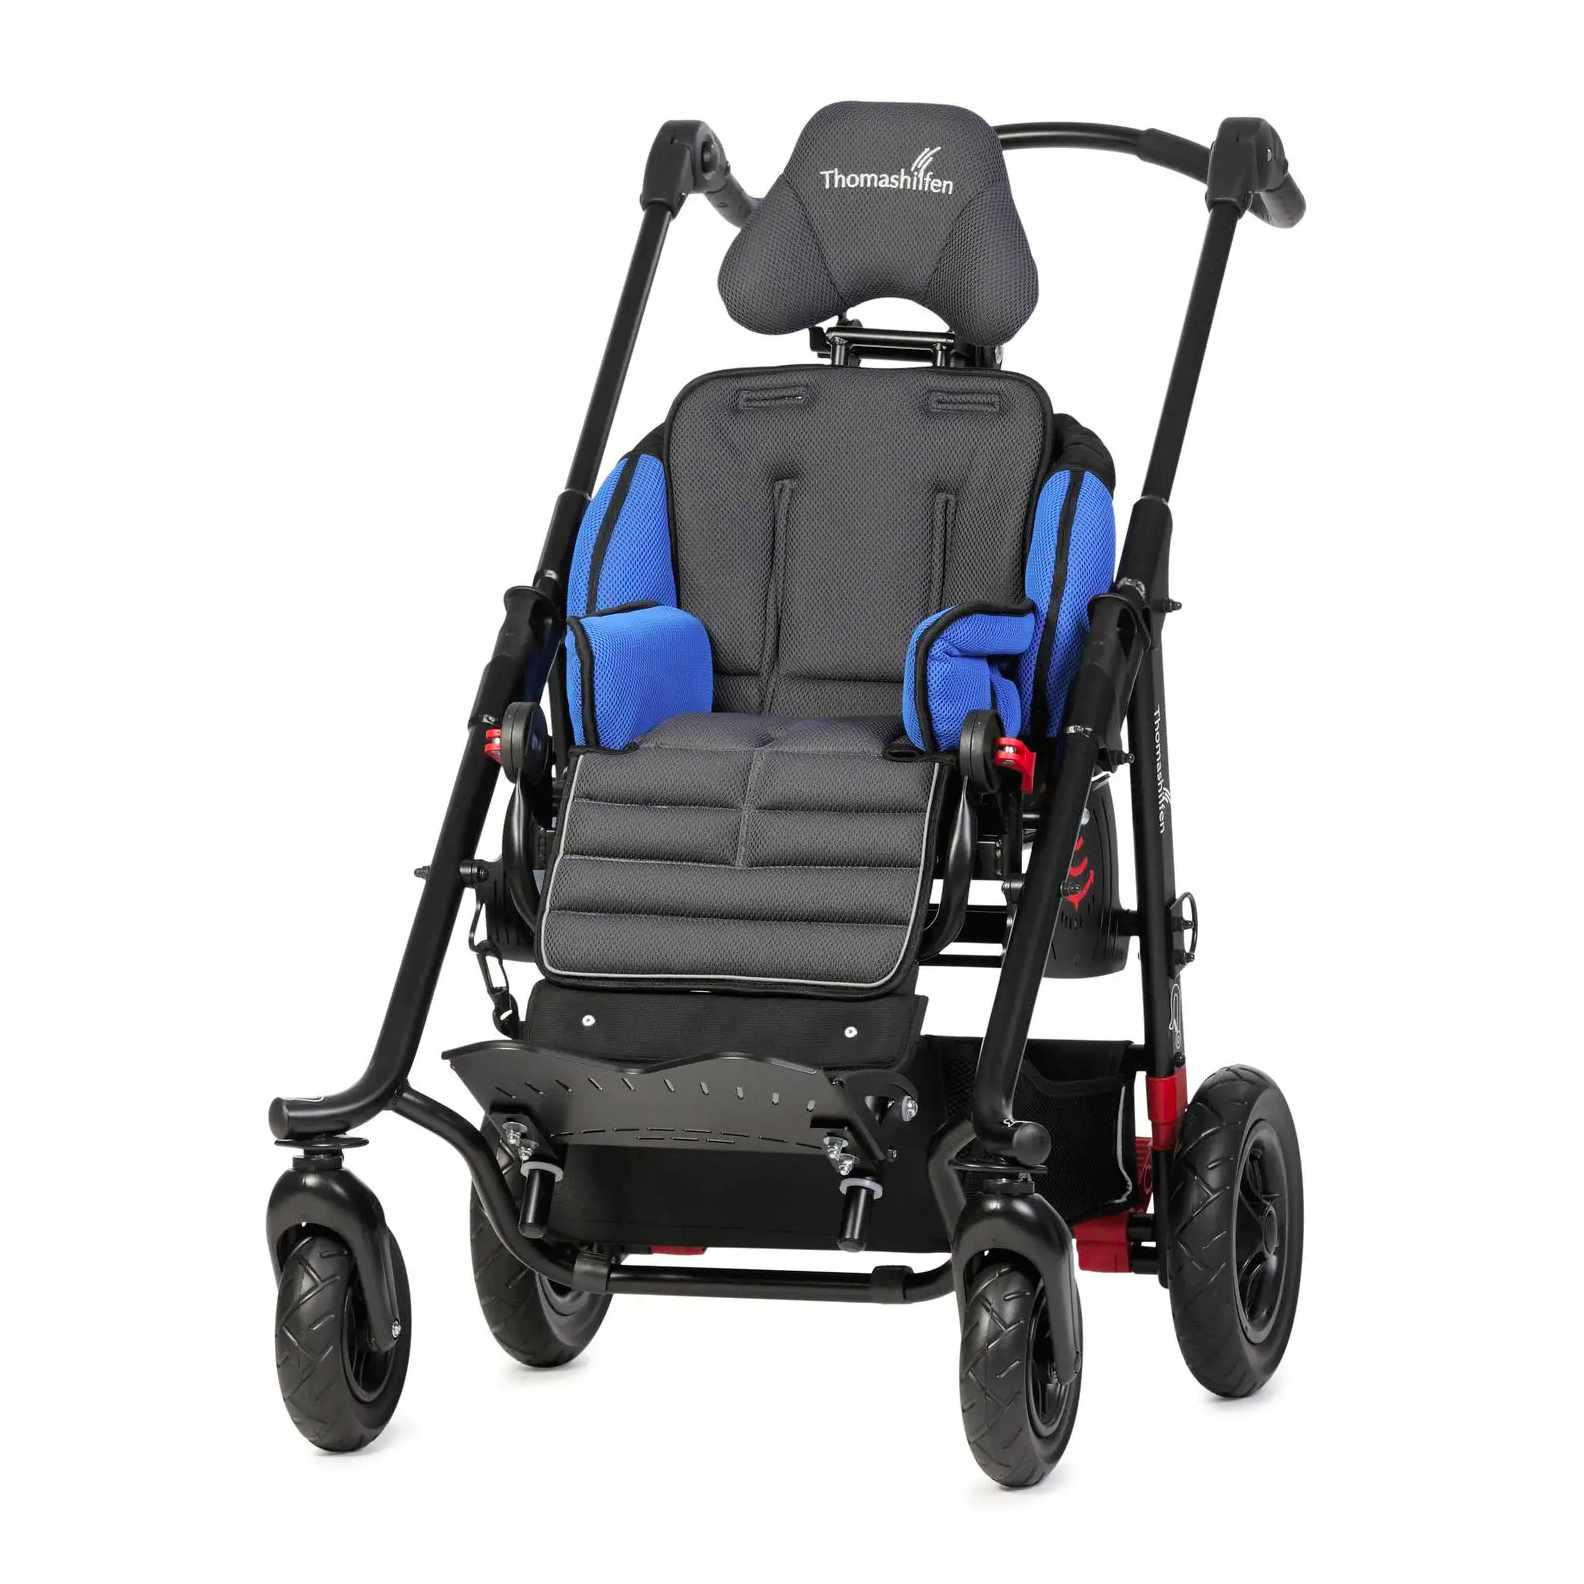 Thomashilfen EASyS modular S stroller